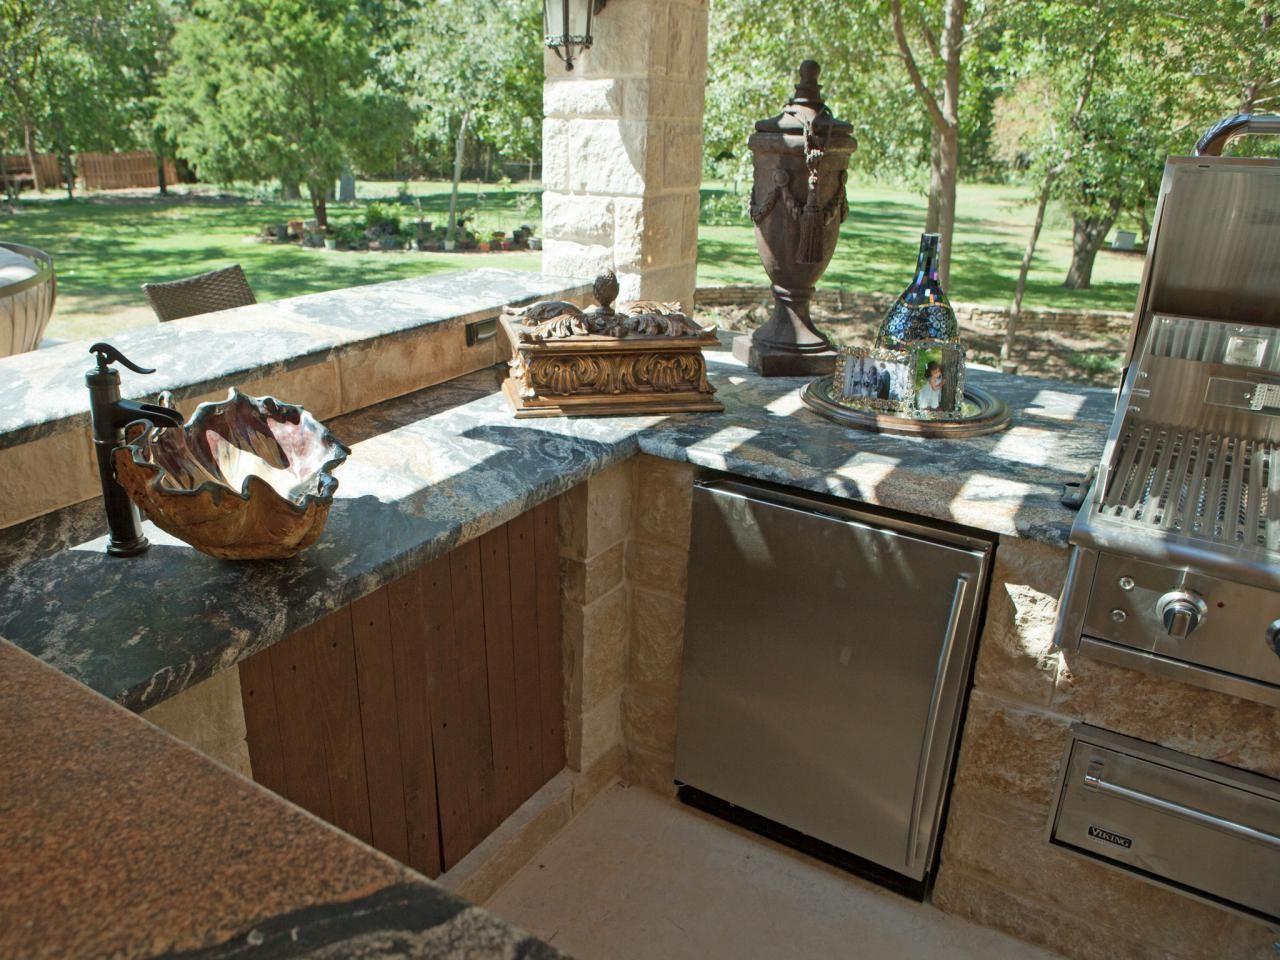 Outdoorküche Tür Vergleich : Outdoorküche tür vergleich: outdoor schrank mit tür 60×64cm